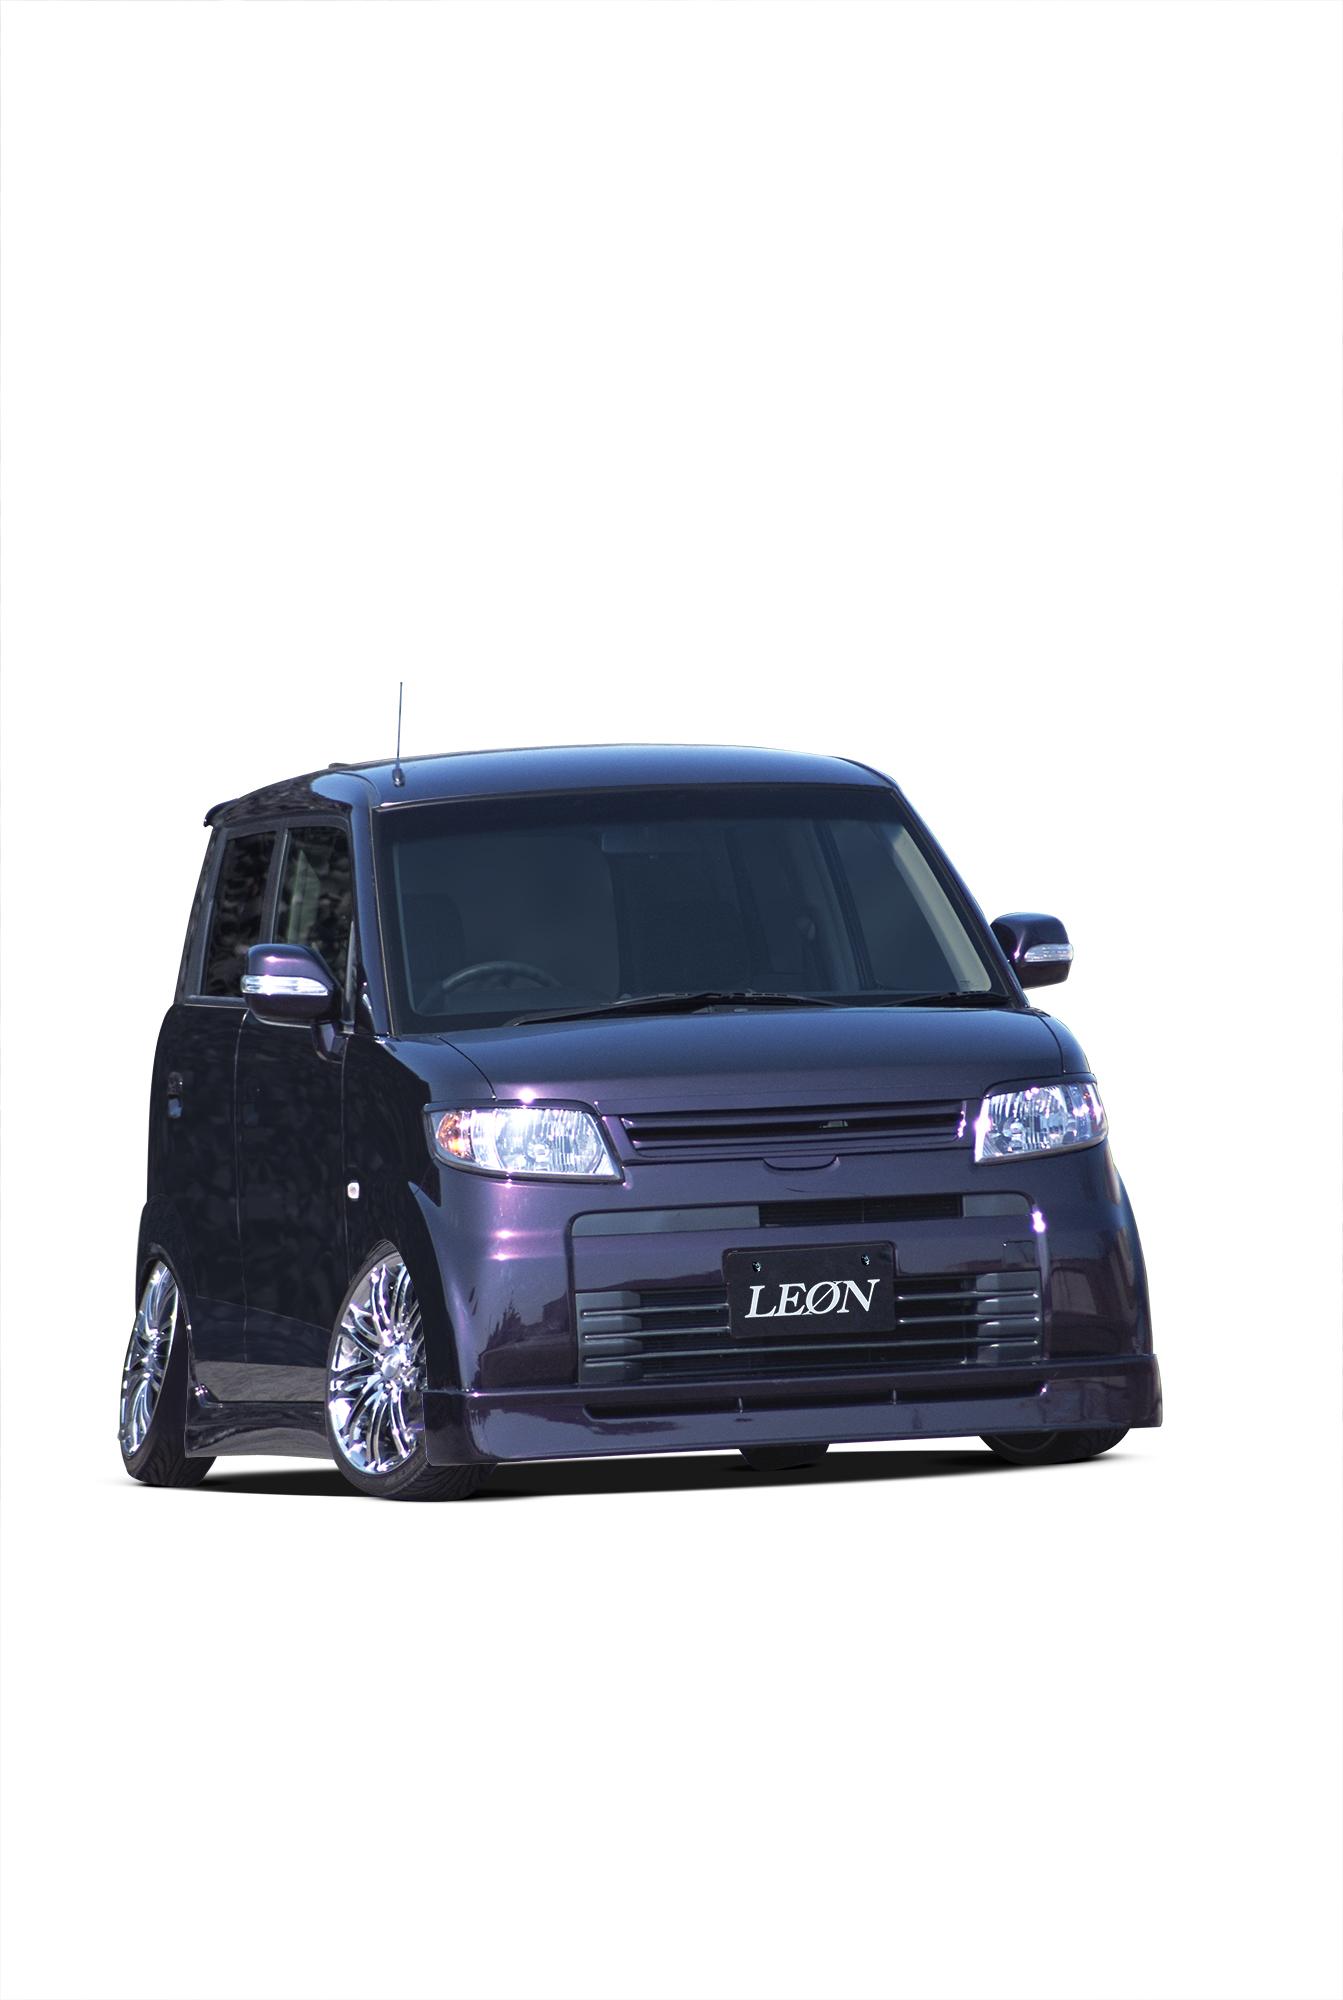 ゼストスポーツ JE1/JE2(フォグランプ無し車) フロントスポイラー LYSシリーズ